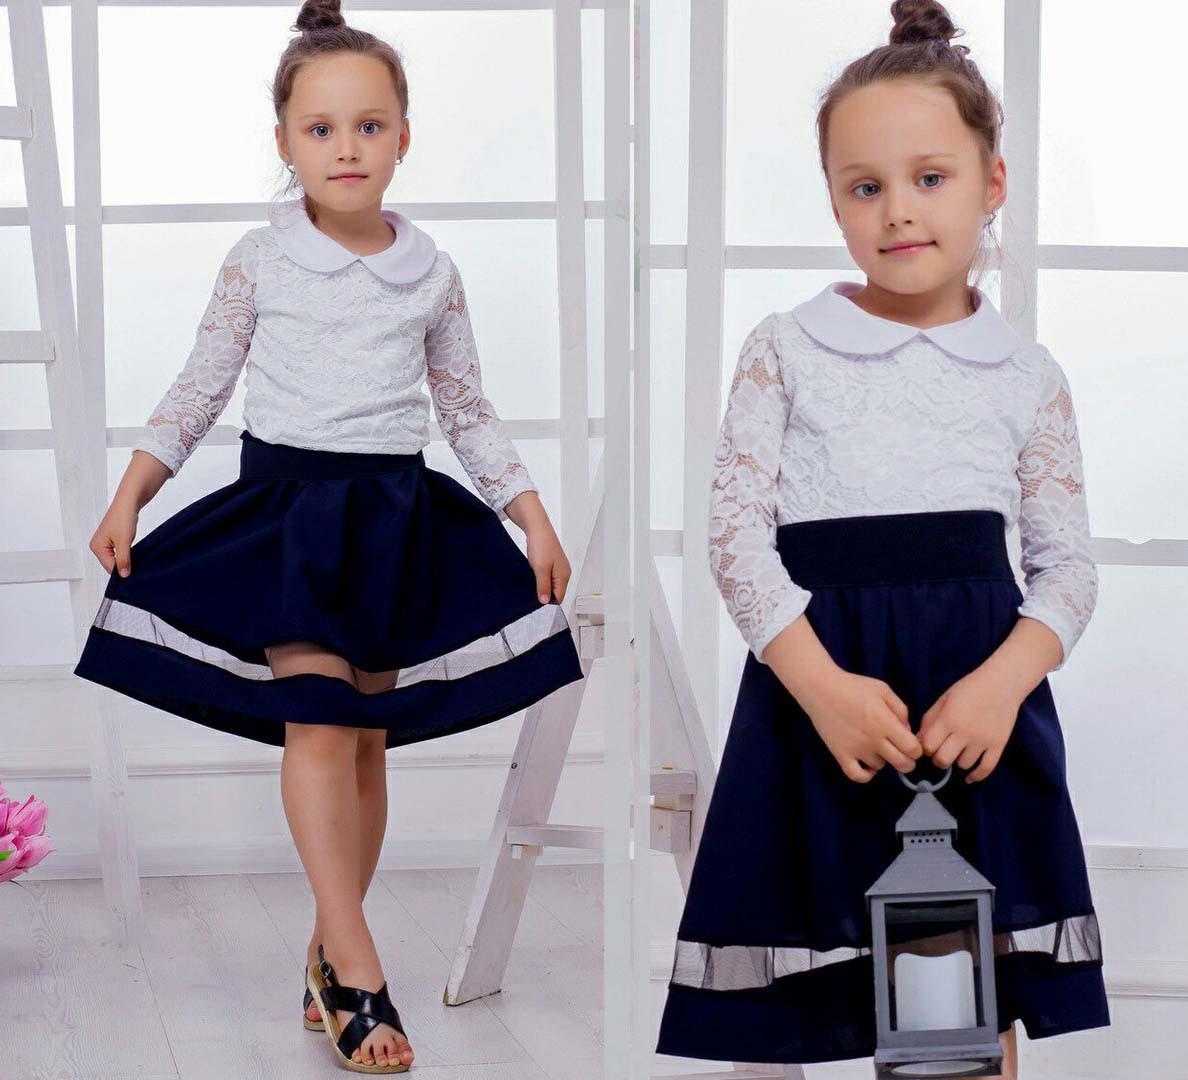 """Детская стильная юбка 3551 """"Габардин Полоска Сетка"""" в школьных расцветках"""